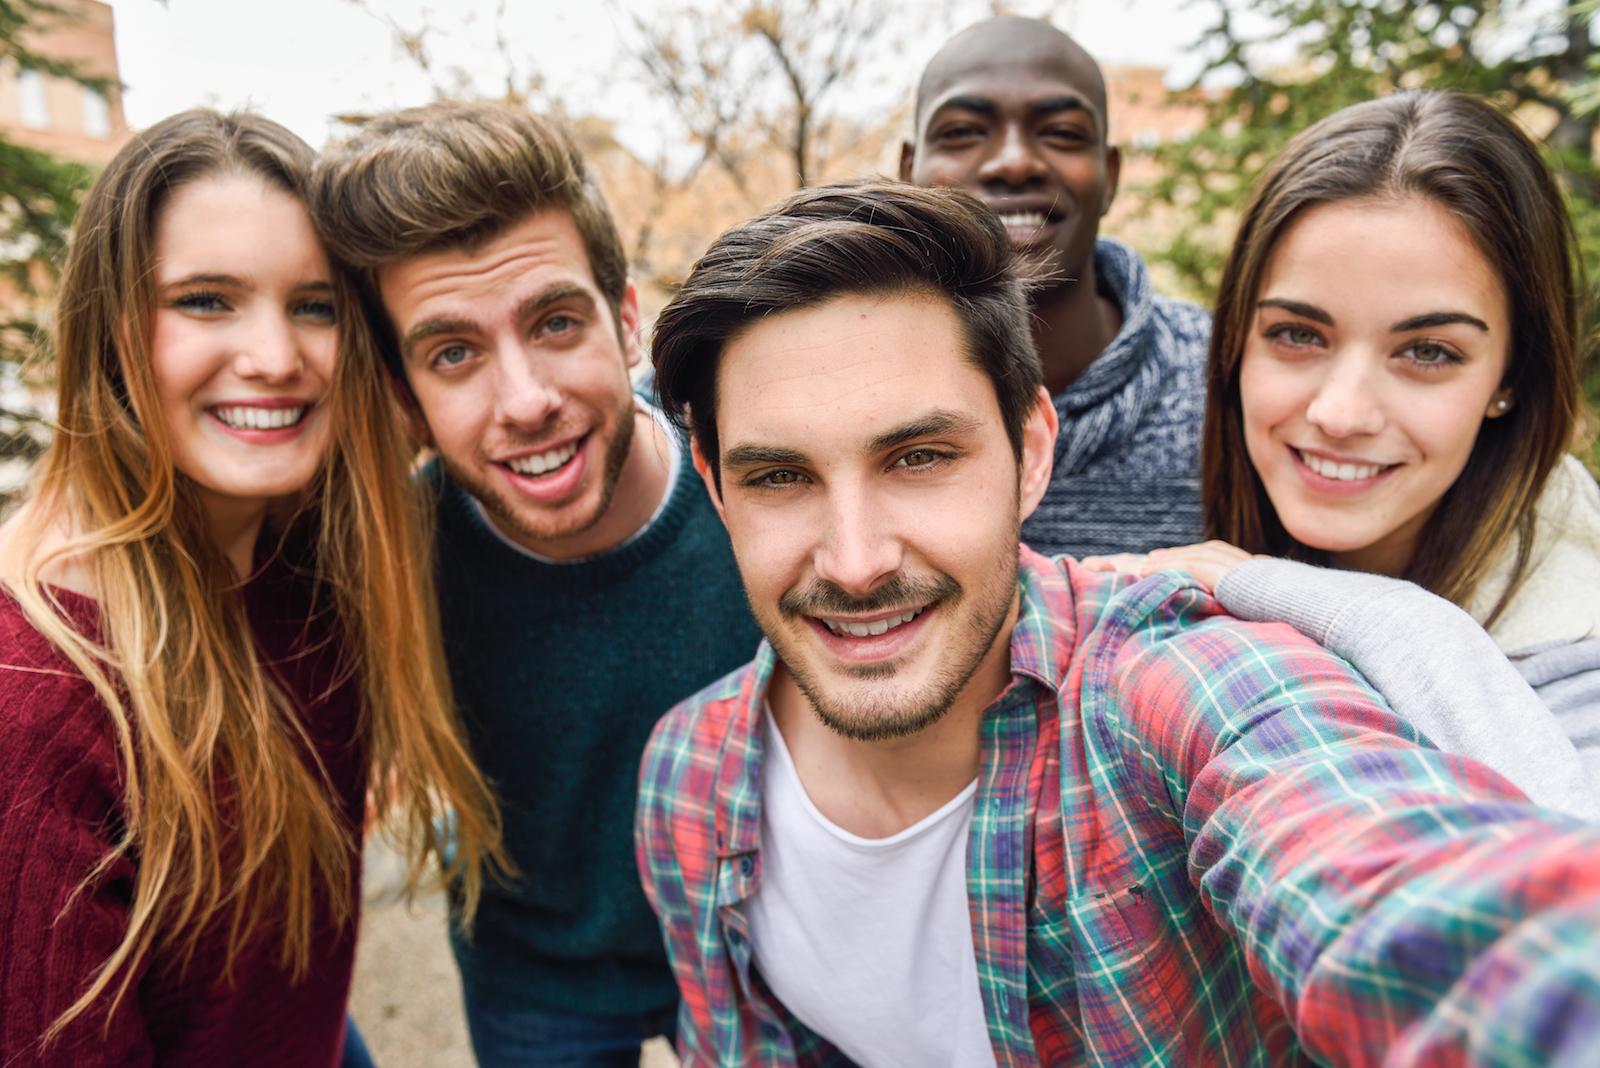 Higher Education Enrollment Growth